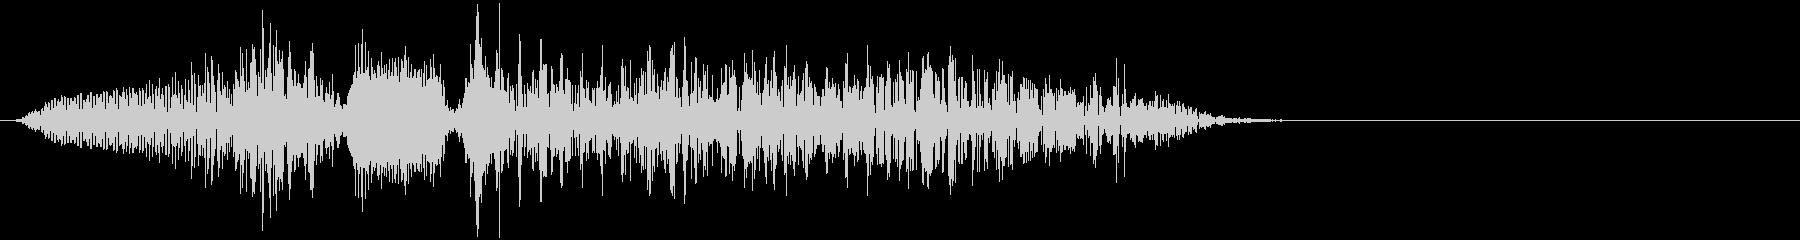 デジタル FX 01 作動の未再生の波形